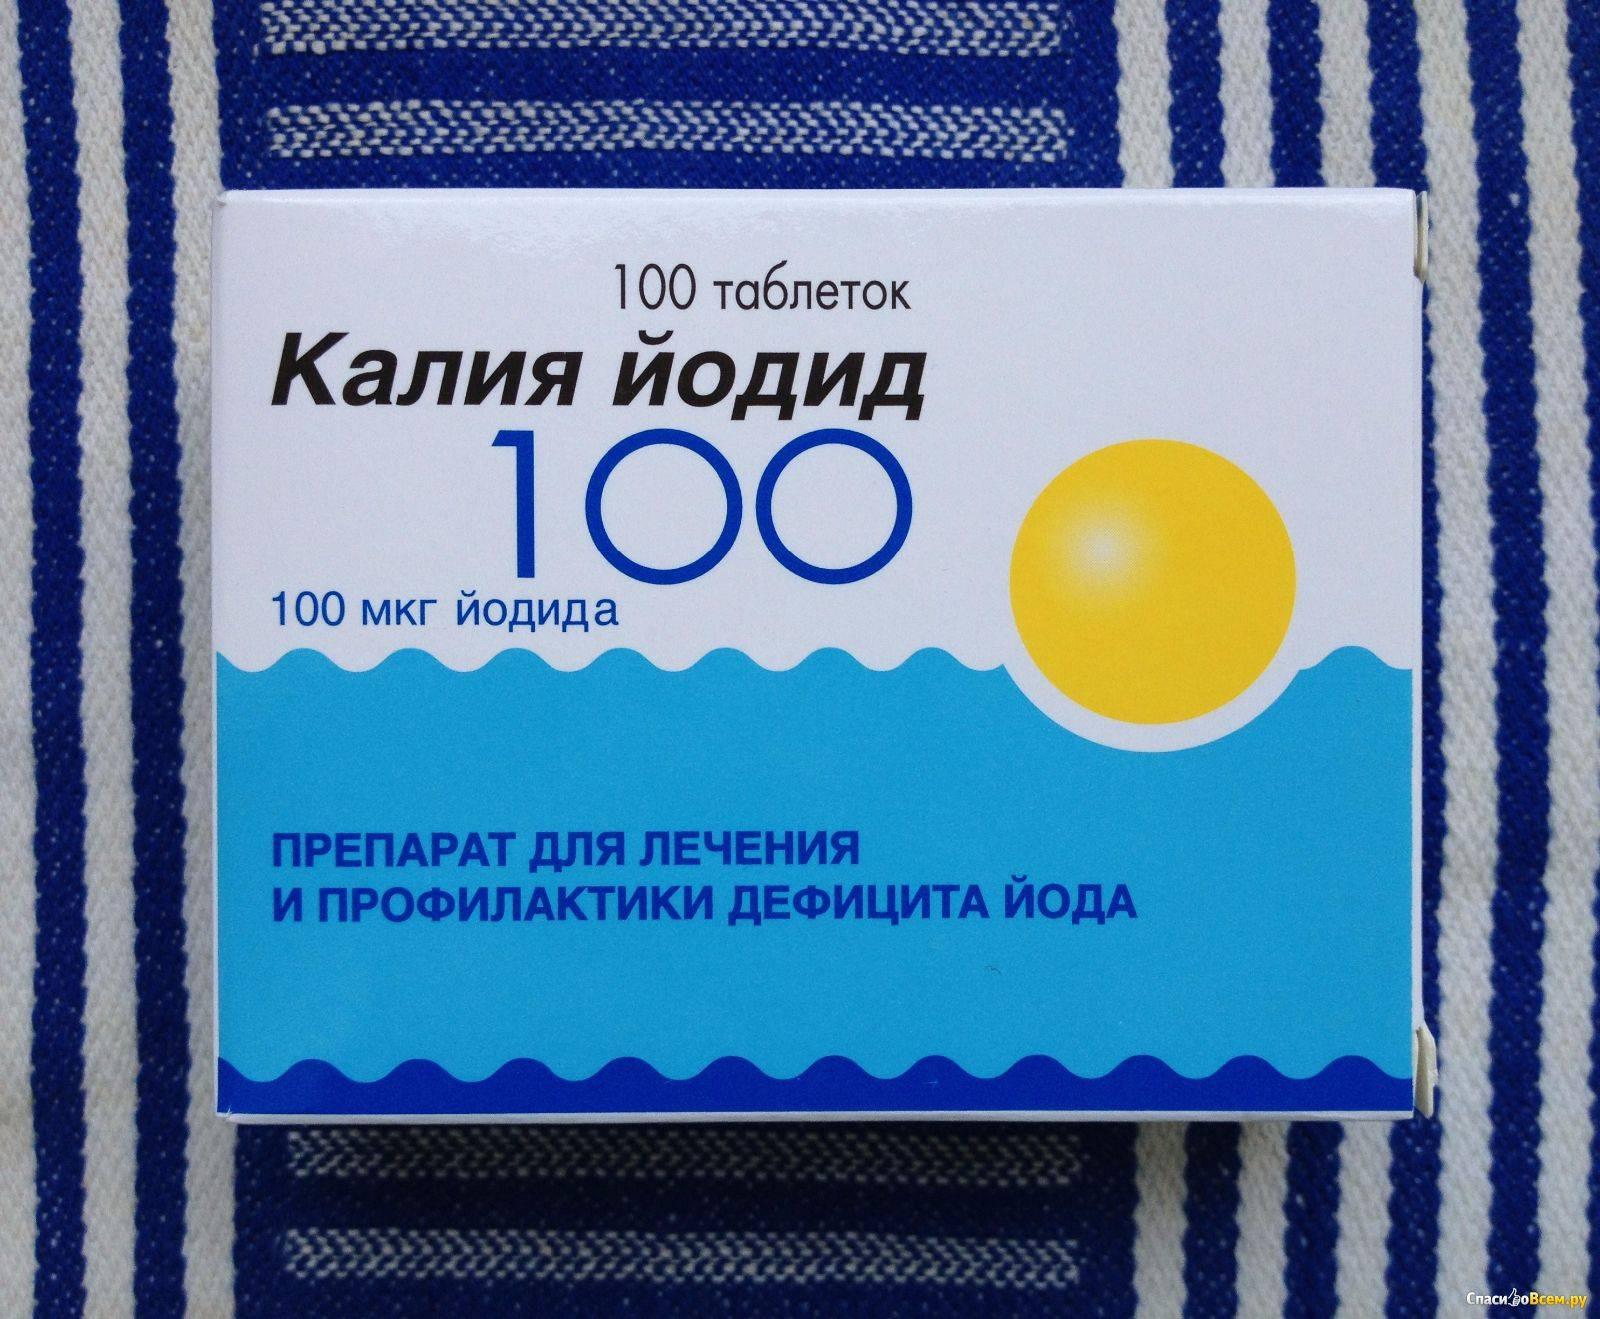 Йодид калия: инструкция по применению, цена, отзывы   - medside.ru